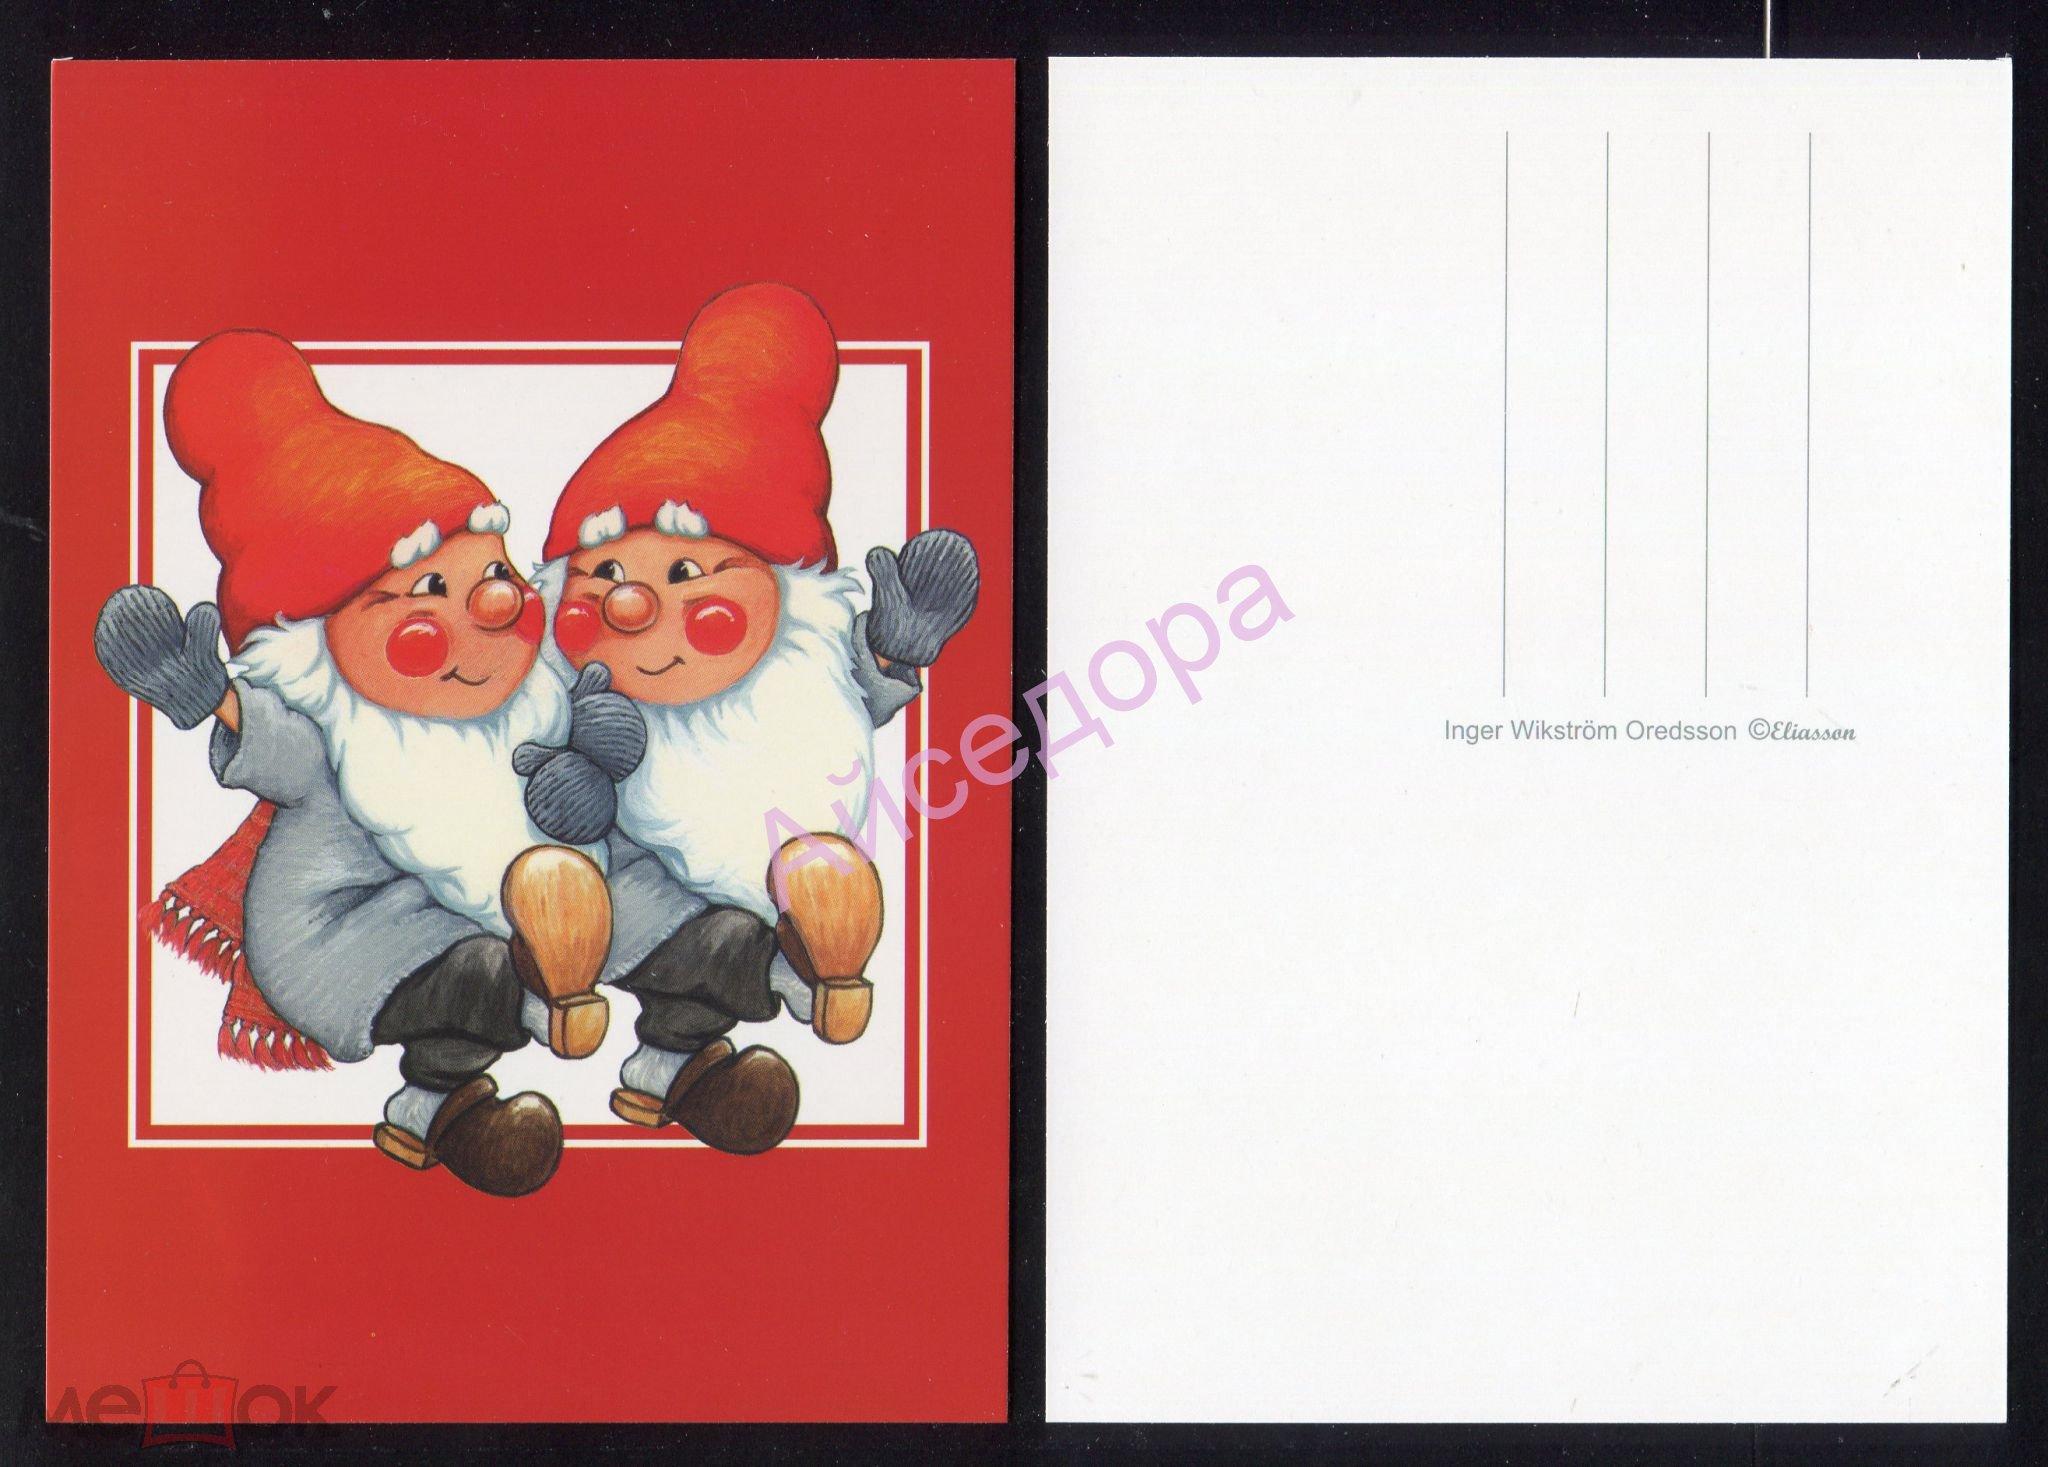 Природе анимациями, отправлю открытку из финляндии